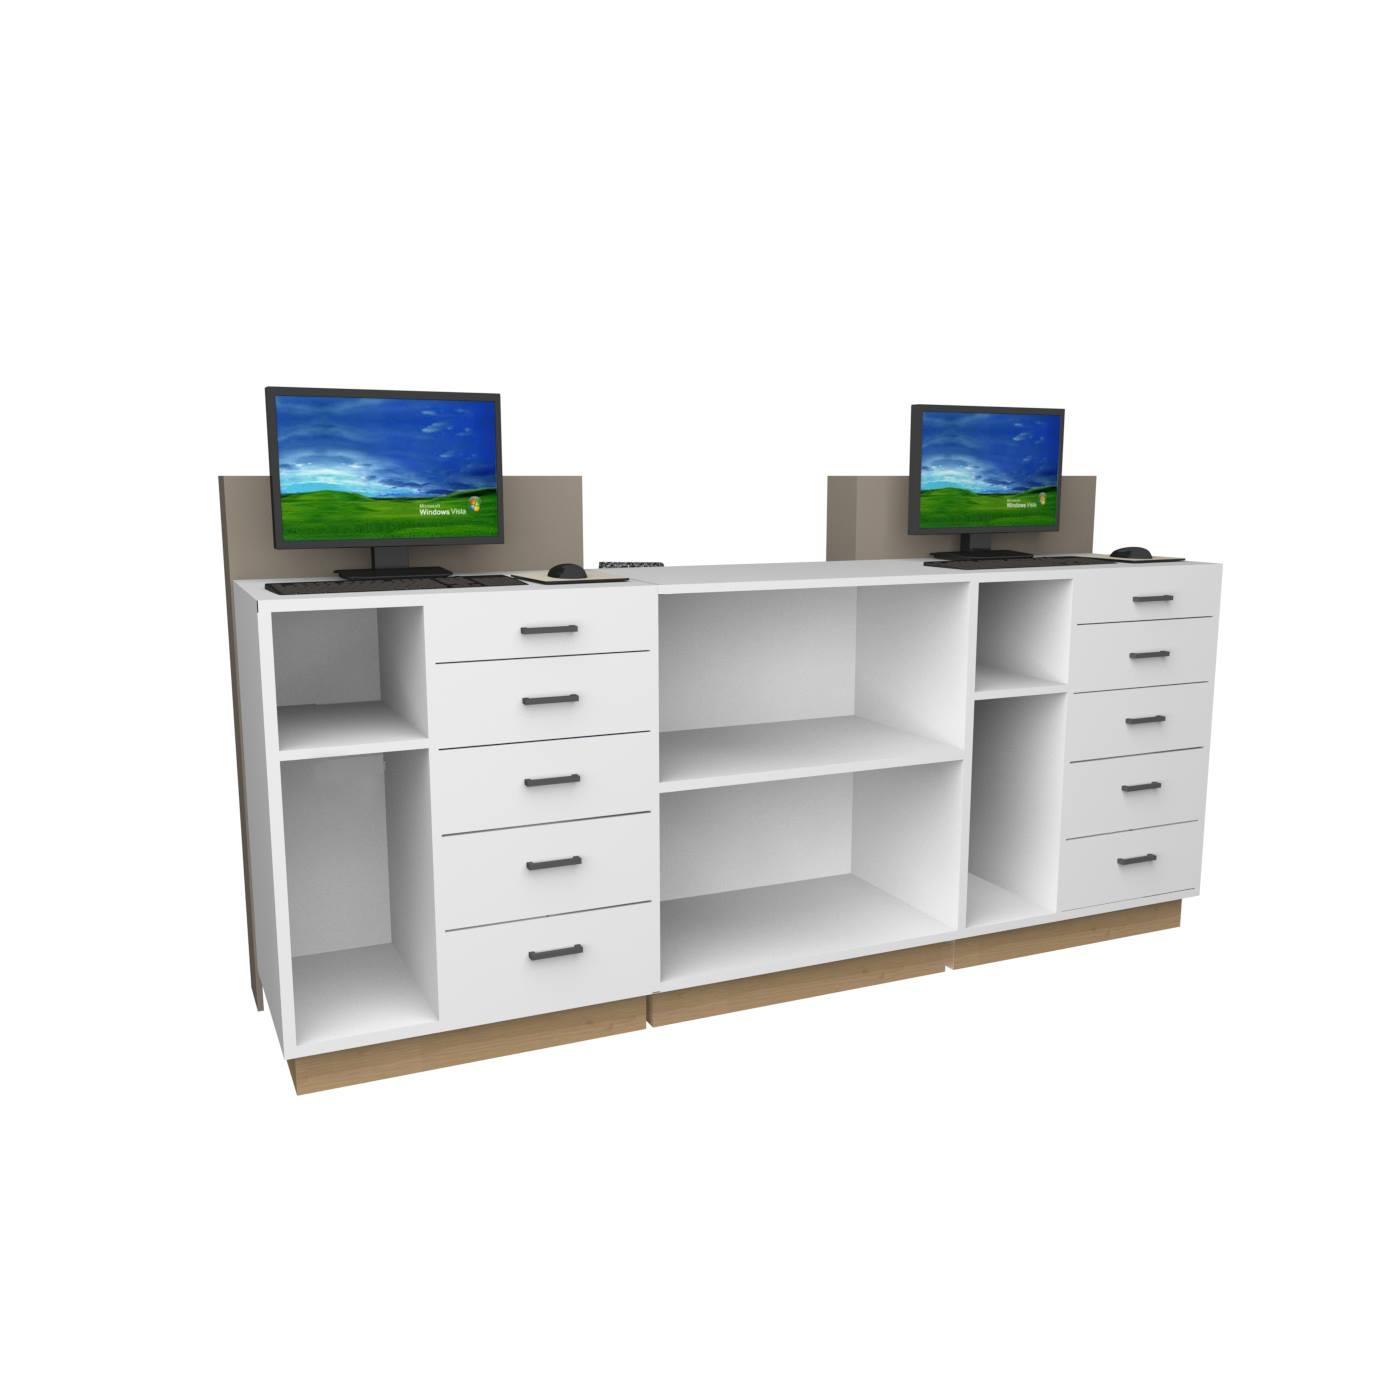 Παγκος ταμείο καταστήματος, ηλεκτρονικά, βιβλιοπωλεία εξοπλισμός